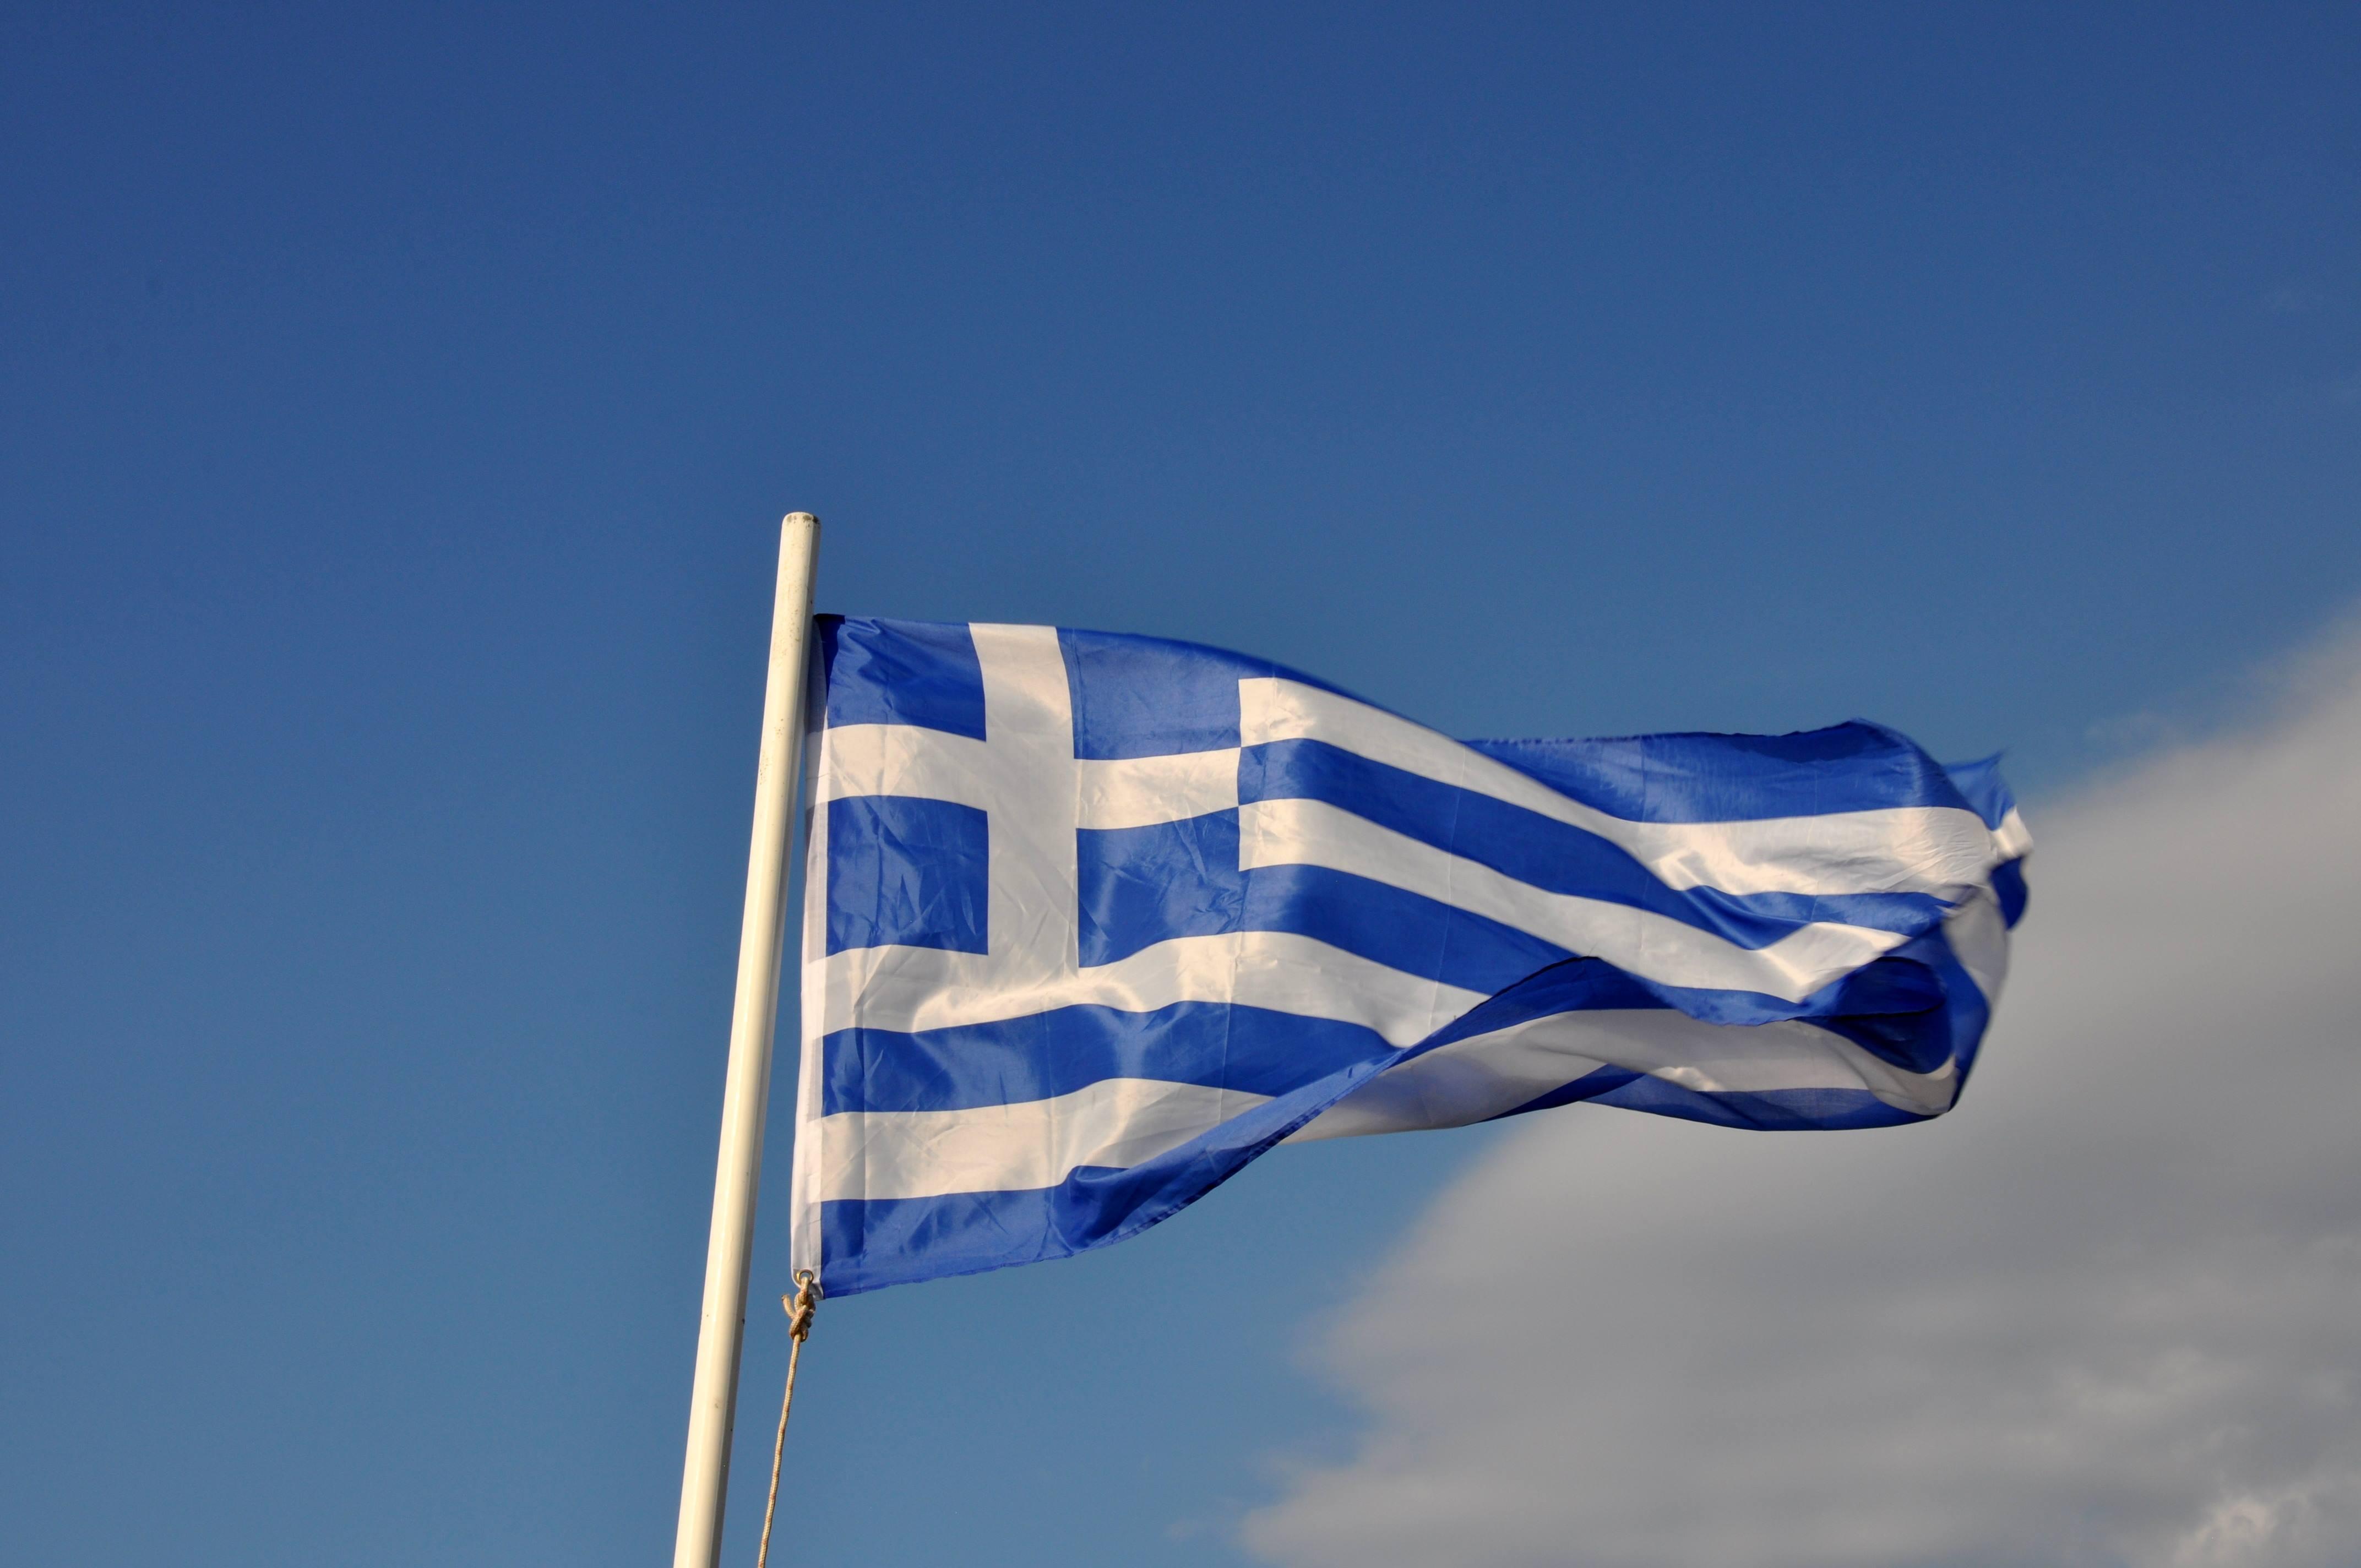 Offroad auf Kreta unterwegs   Land Rover Adventure Tour Greece 2015 sonne land und leute griechenland europa  tui berlin griechenland flagge kreta